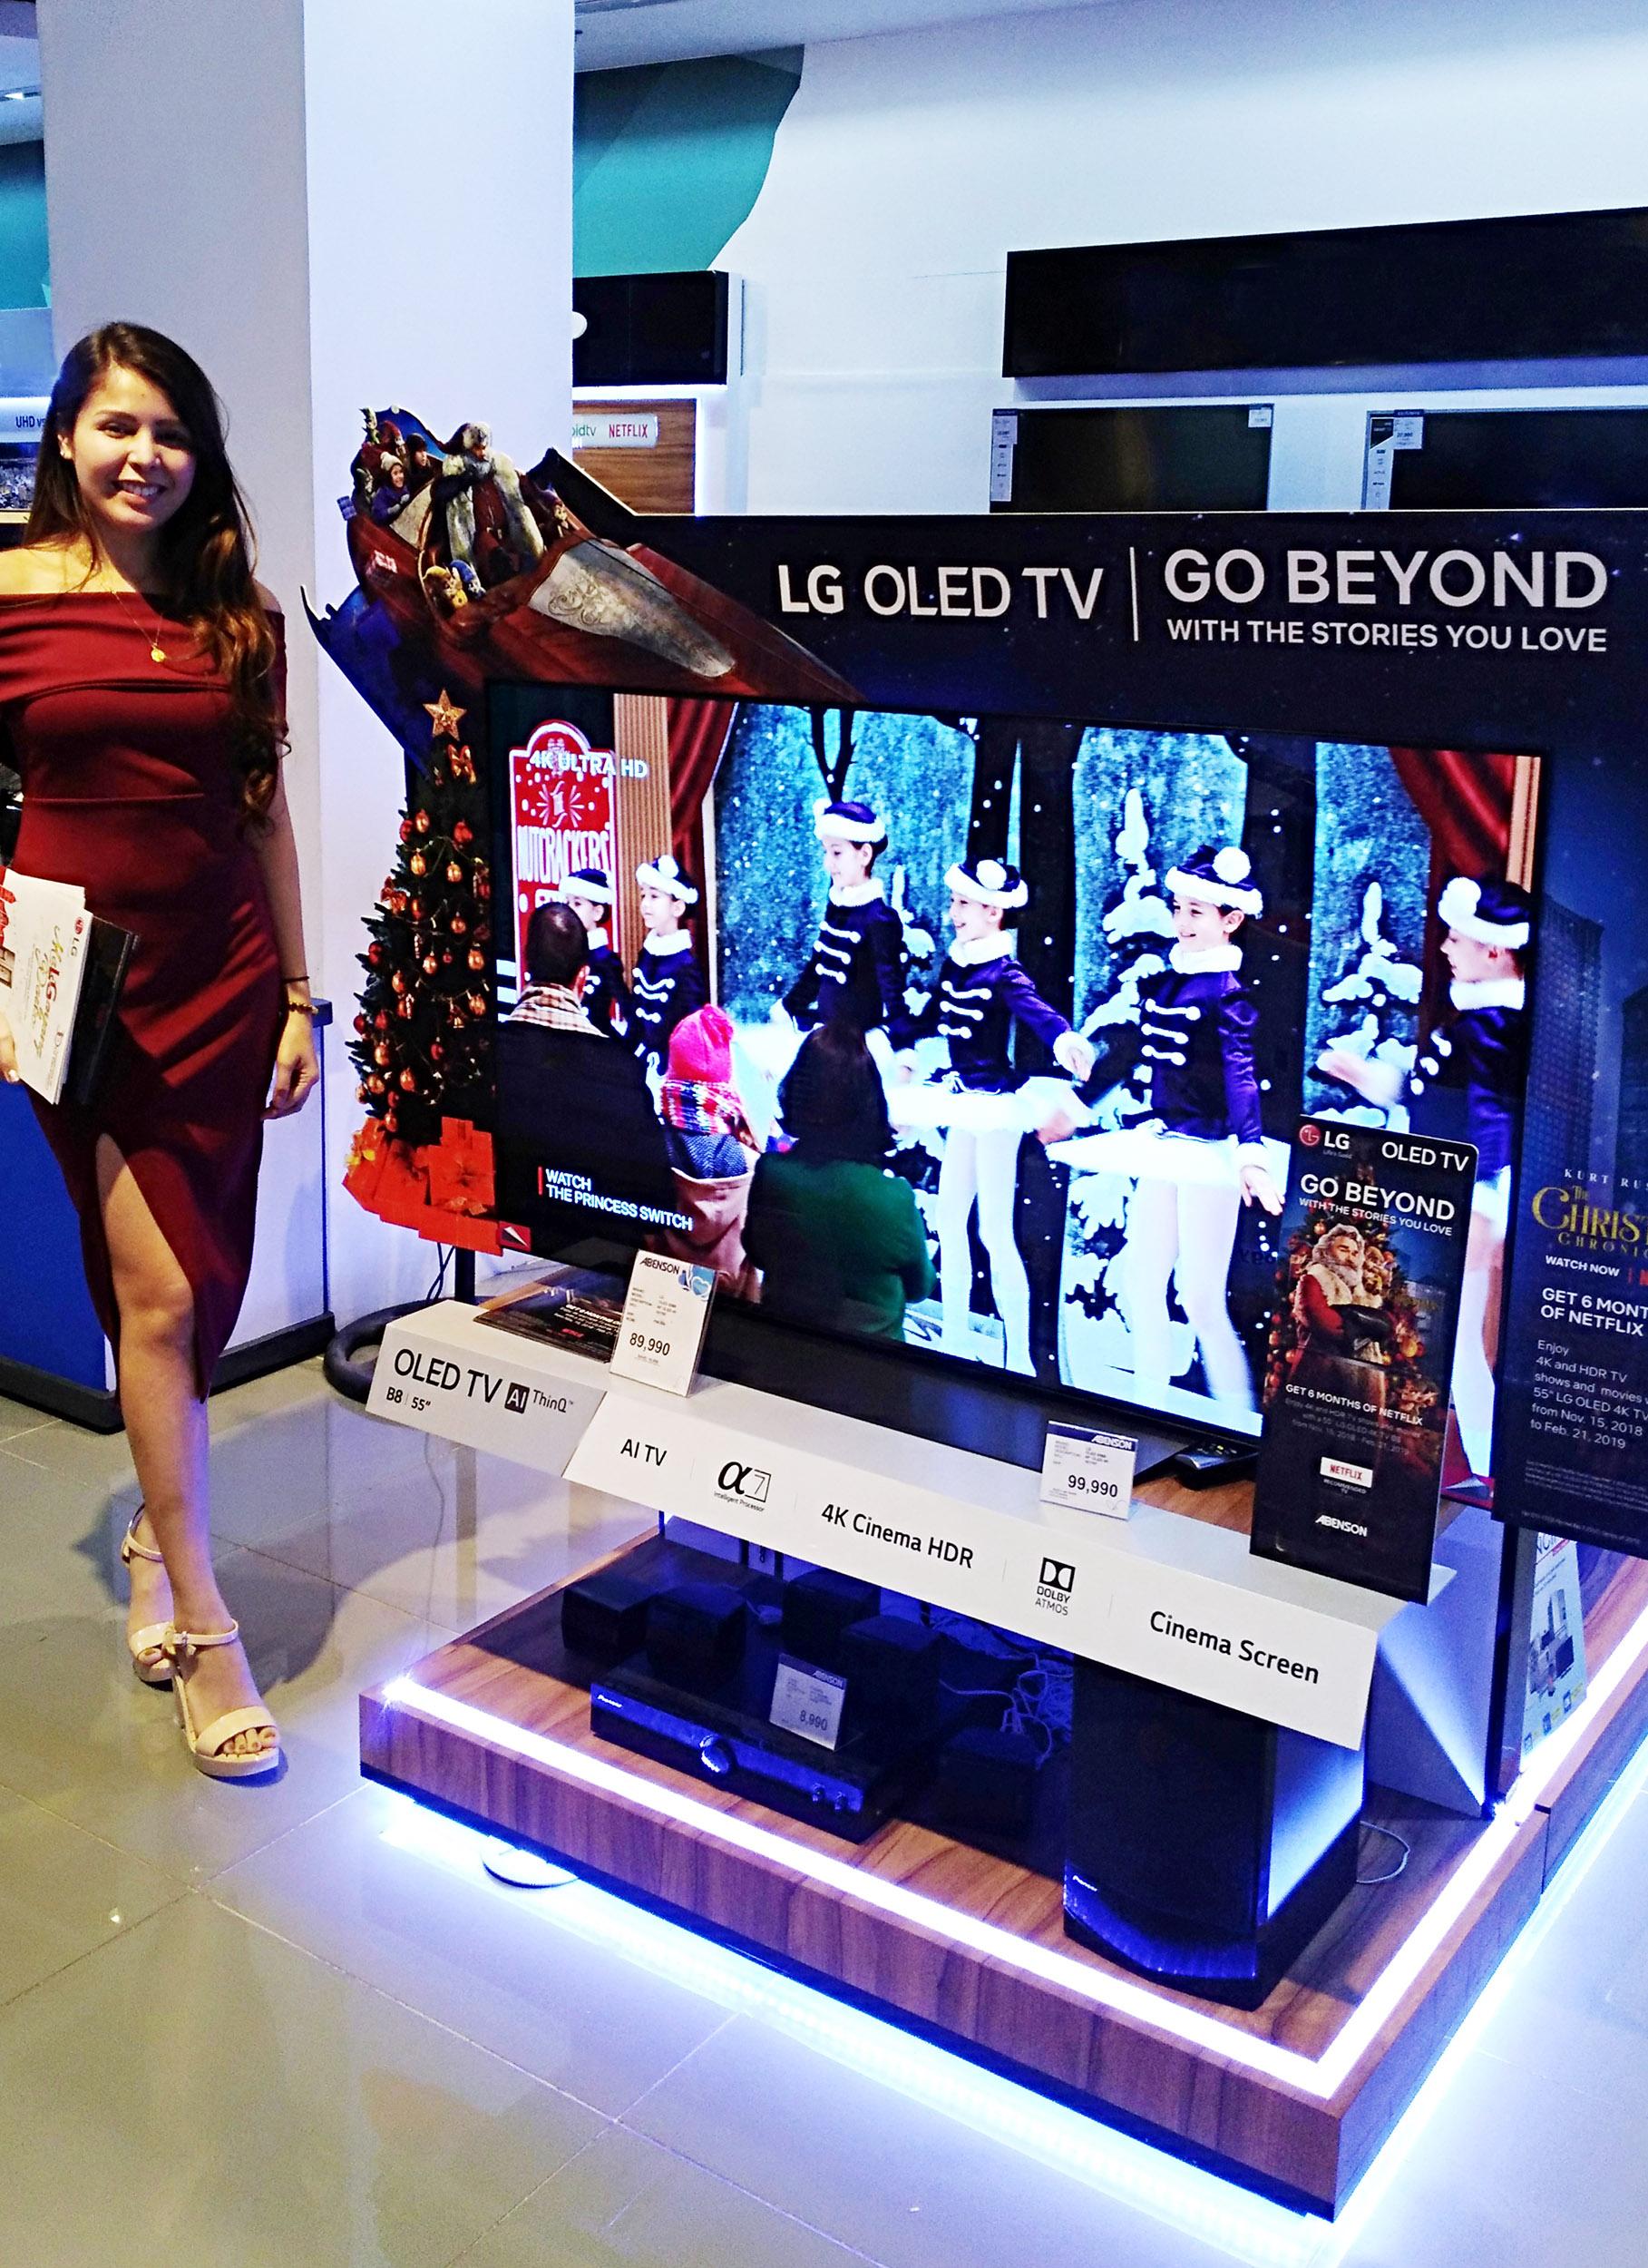 필리핀 마닐라 소재 가전매장에서 모델이 LG전자 올레드 TV AI 씽큐 제품을 소개하고 있다.